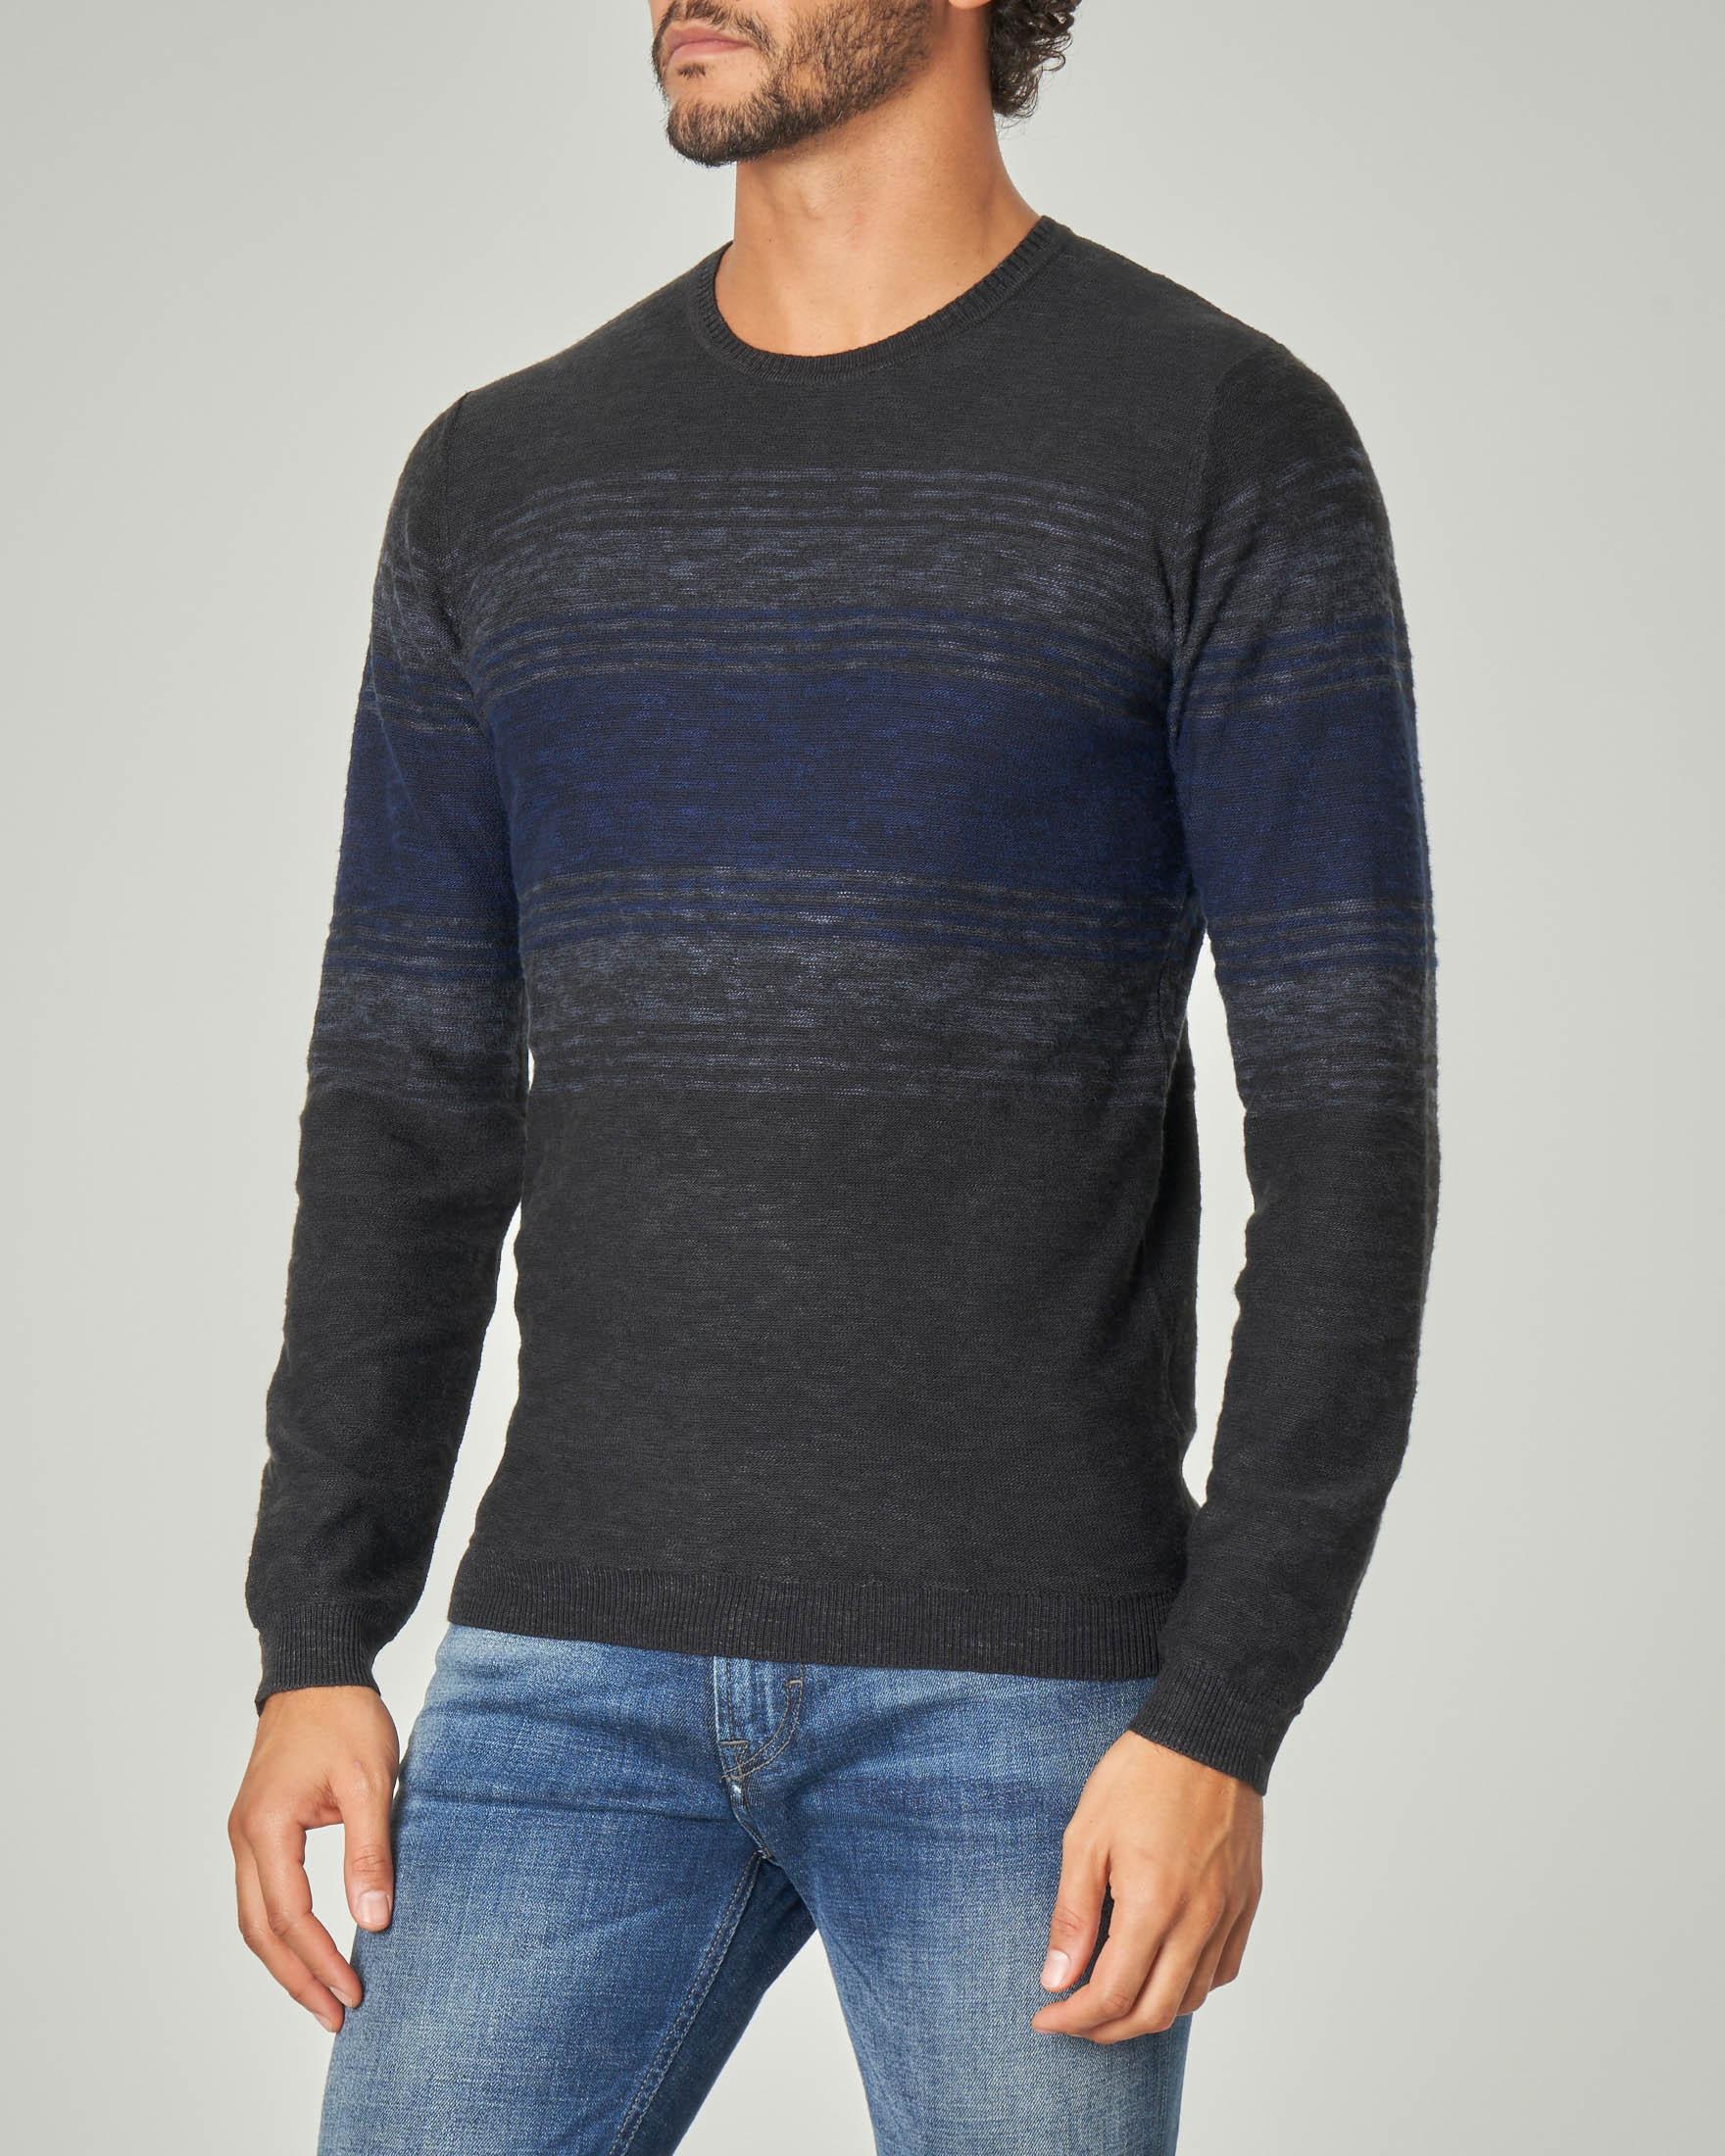 Maglia grigio scuro melange con fascia e righe blu